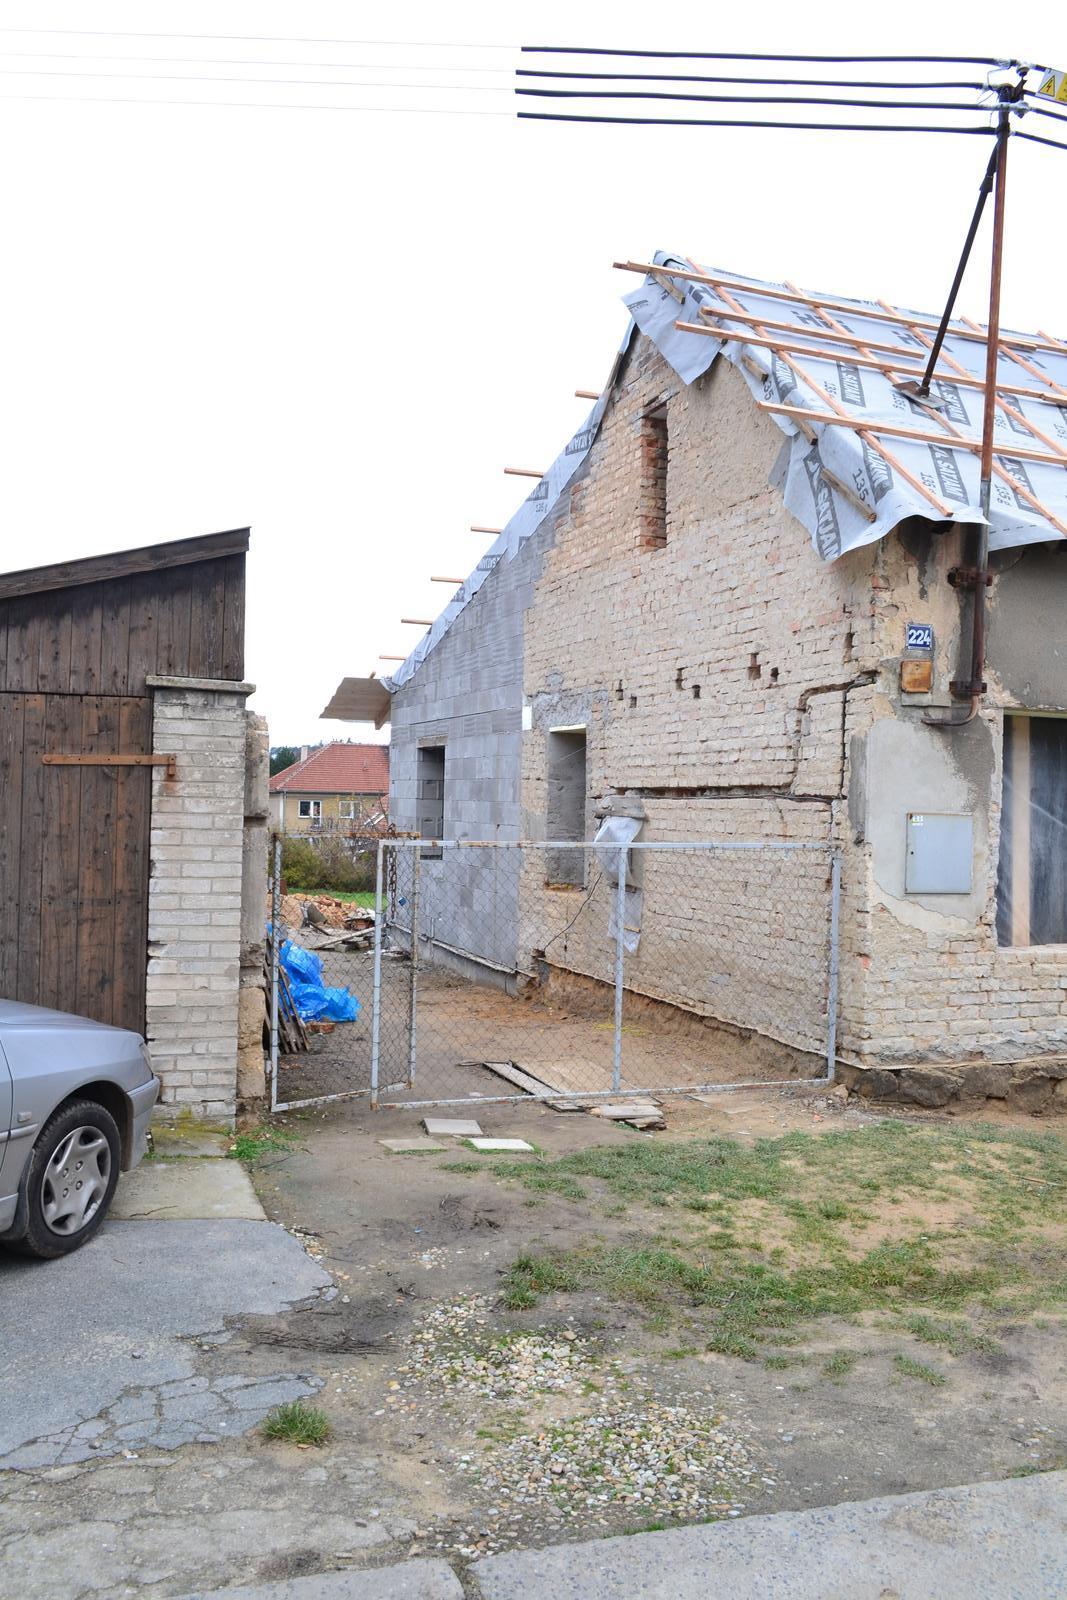 Domeček rekonstruujeme pro rodiče - Bez lešení  - pohled z ulice